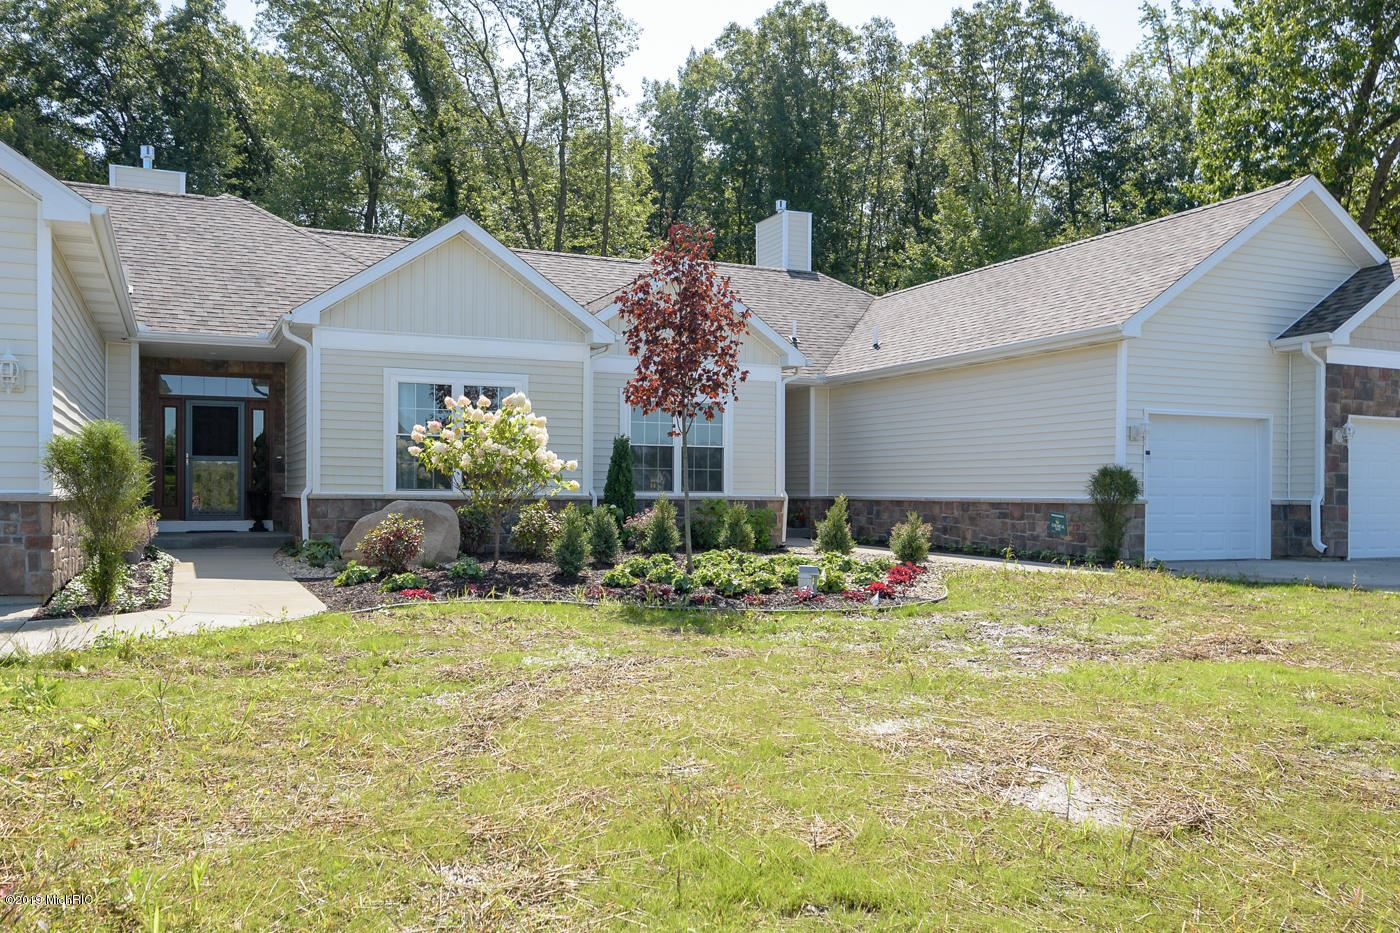 203 Ridgeview Drive, Battle Creek, MI 49015 - MLS#: 20029784